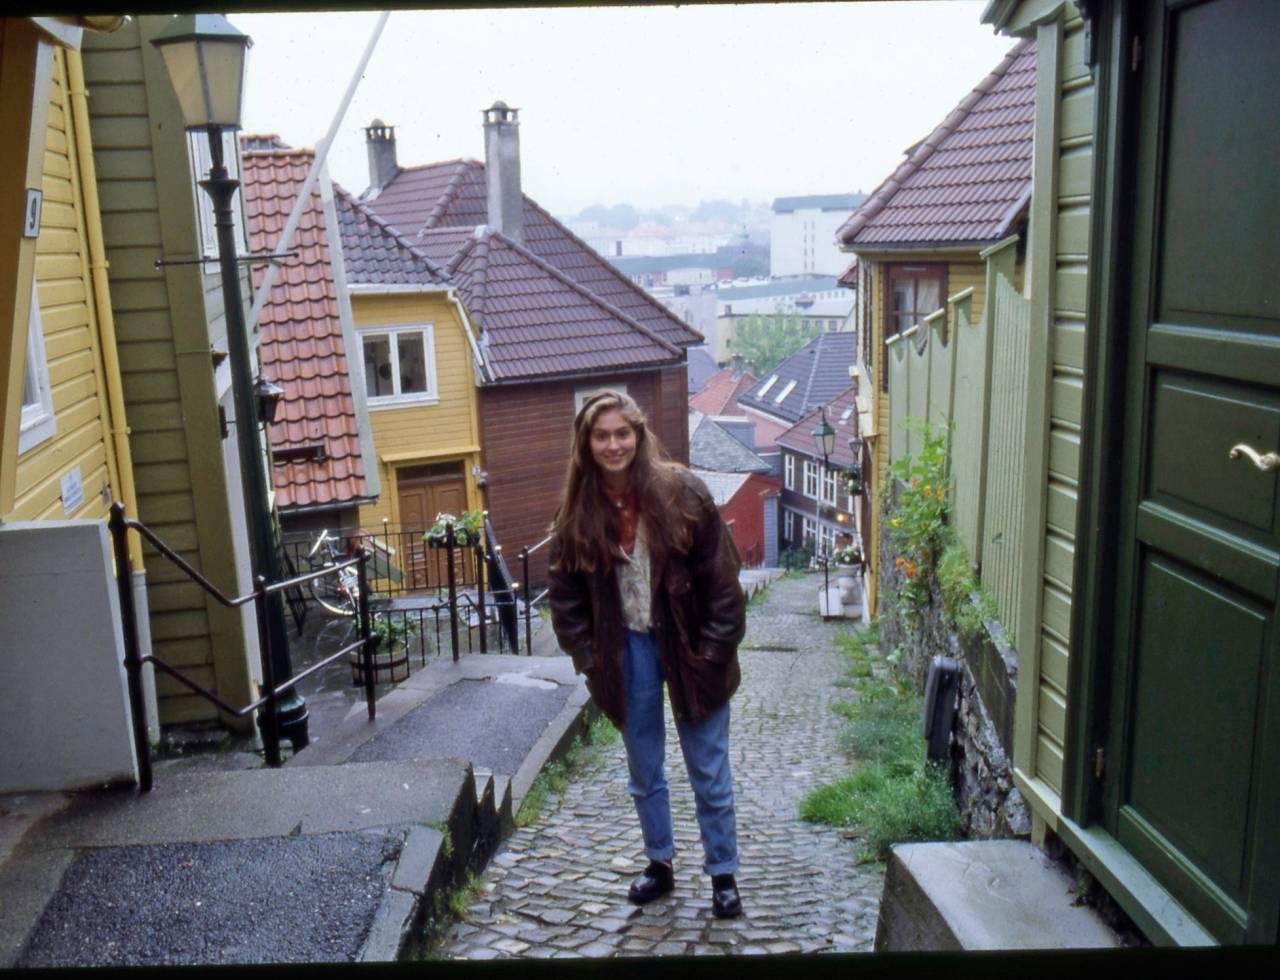 Sissel Kyrkjebø i Bergen 1989, där hon är född och uppvuxen.